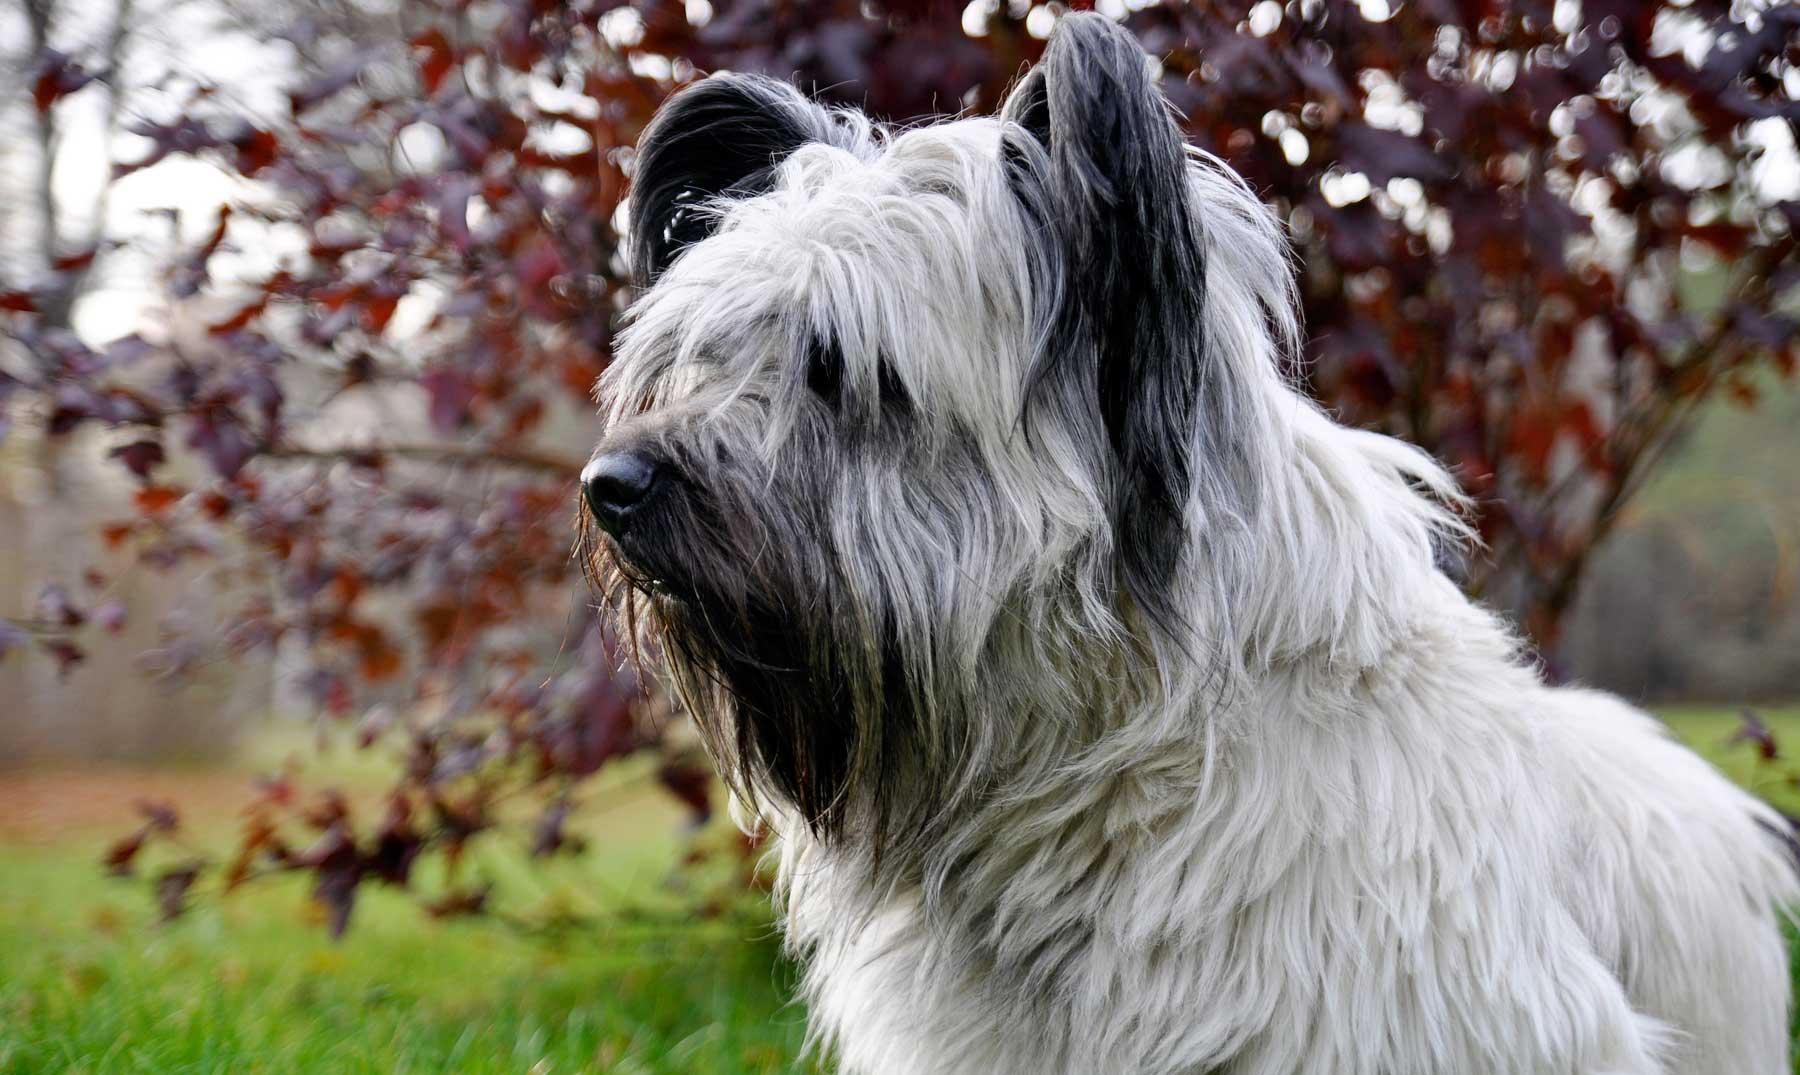 La triste historia del perro que esperó eternamente a su amo